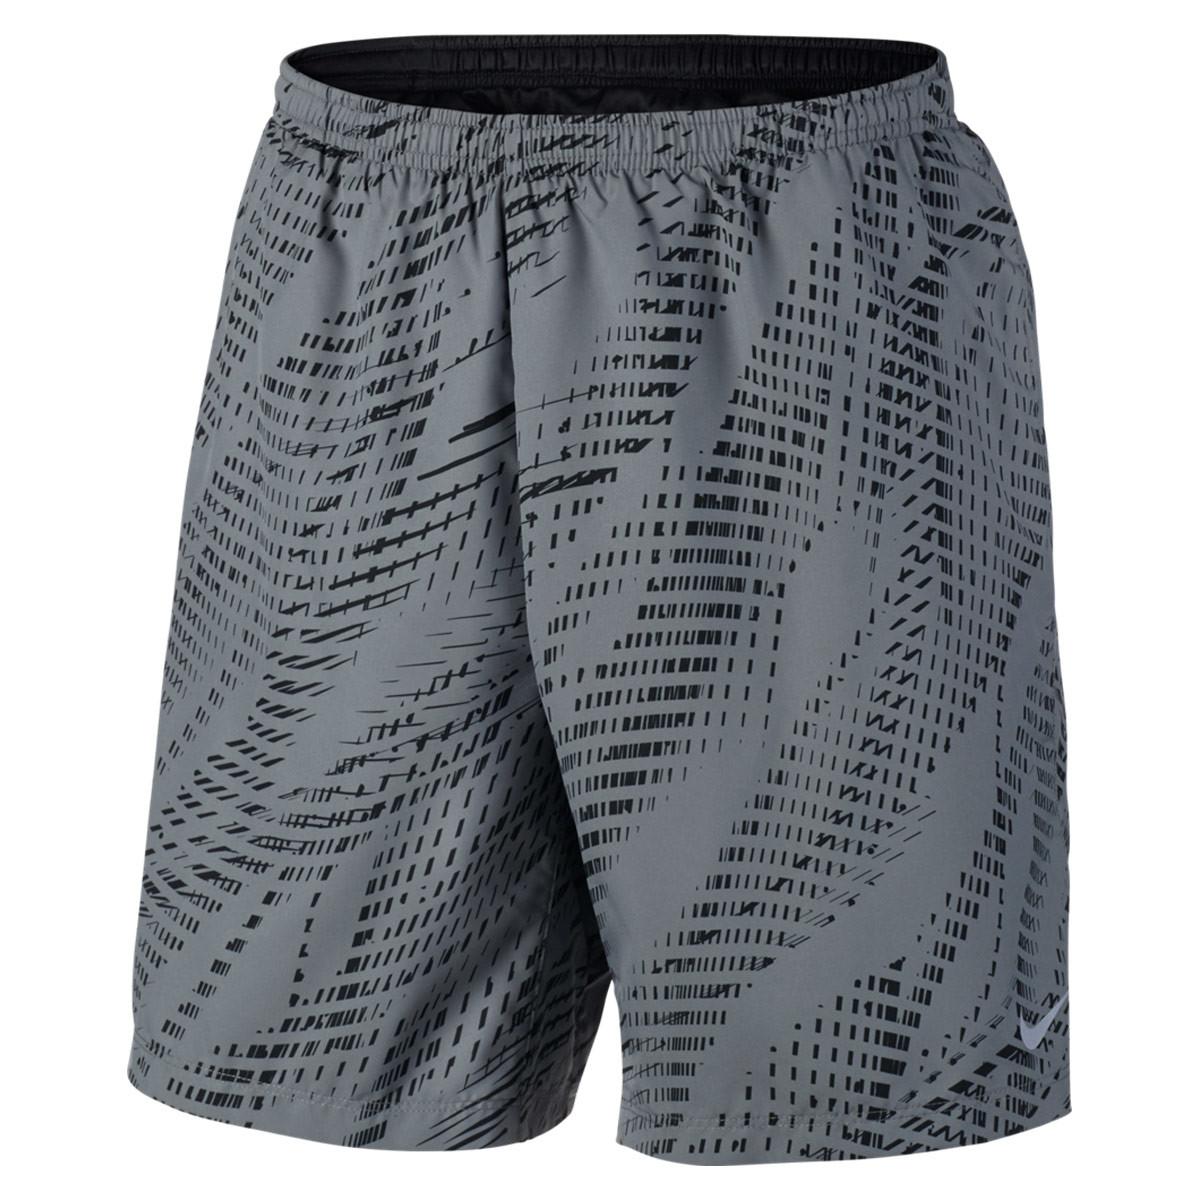 45e7de936d55 Nike Flex Short 7 Distance Print - Running trousers for Men - Grey   21RUN